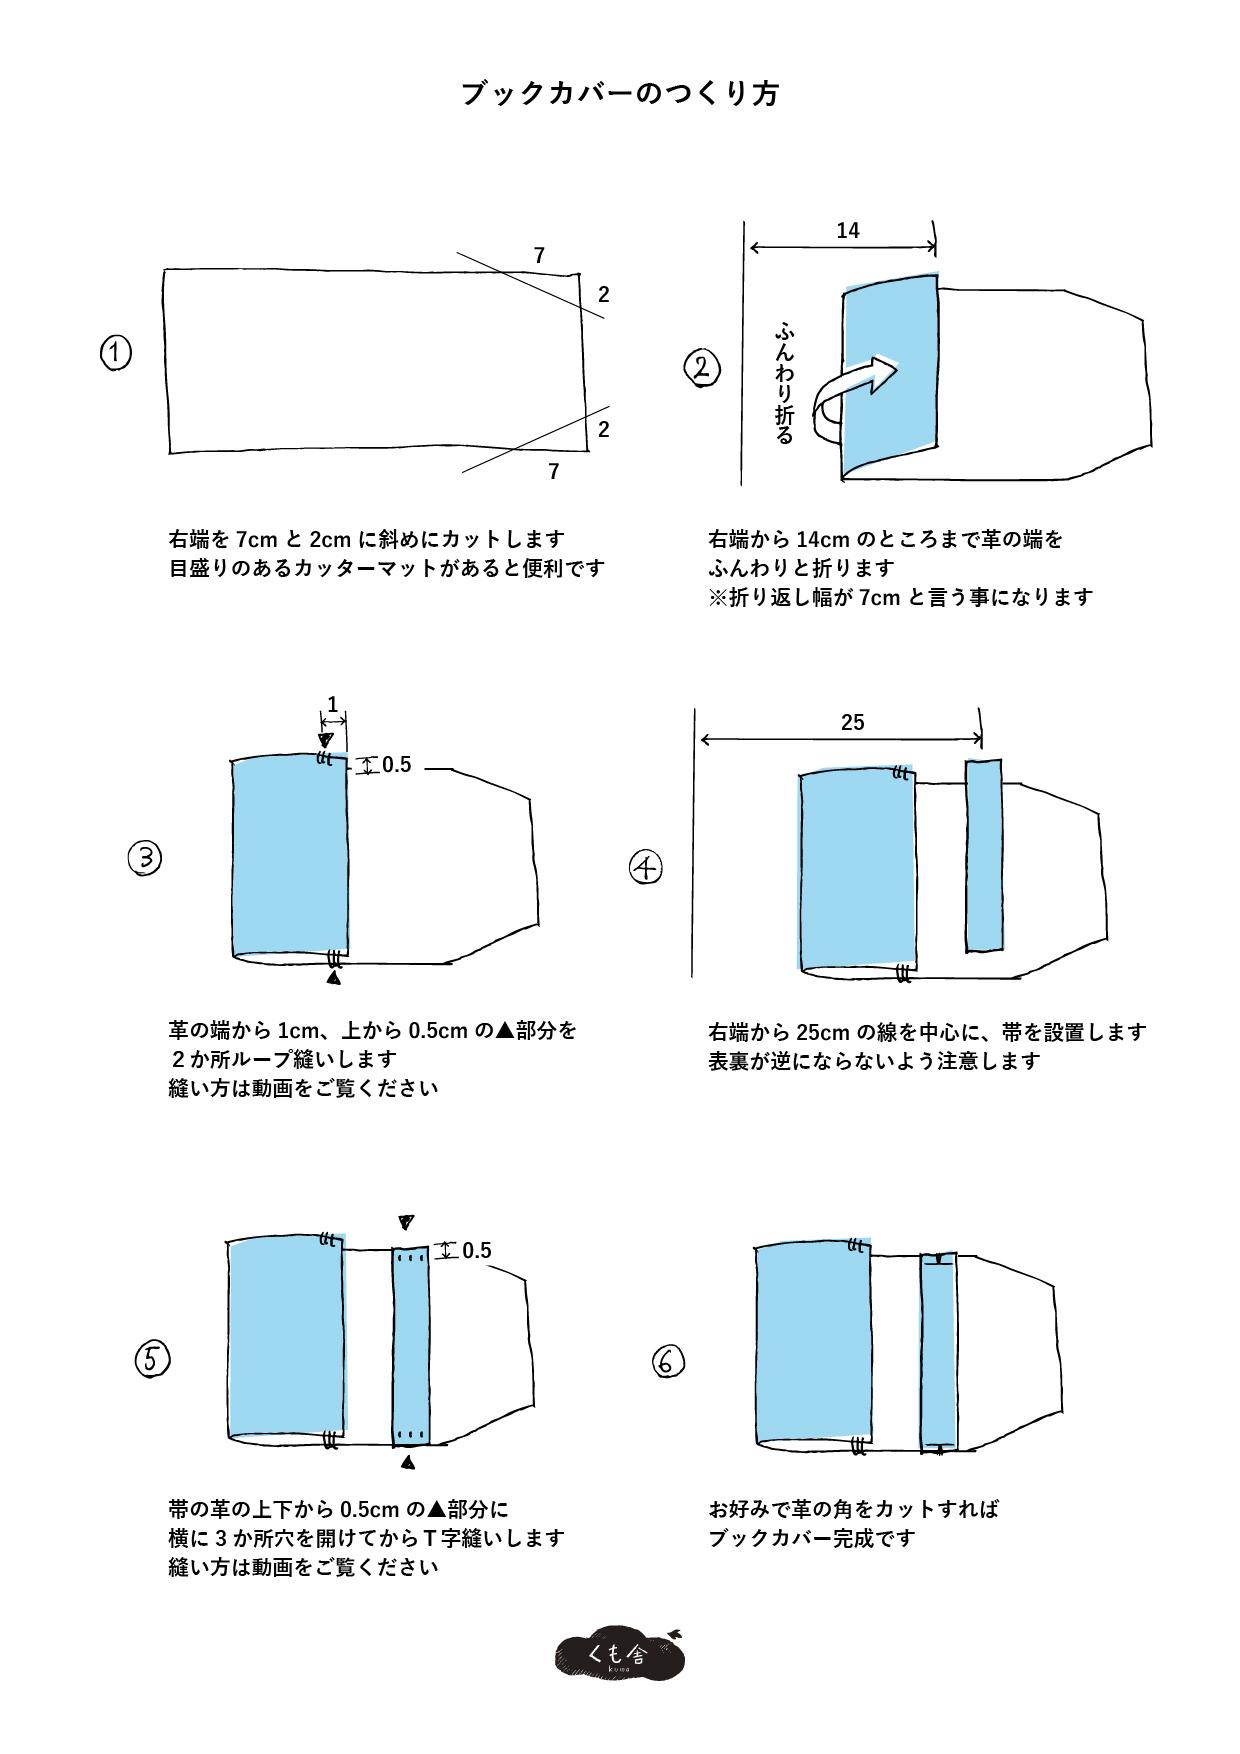 トラベラーズノートカバーの作り方-02